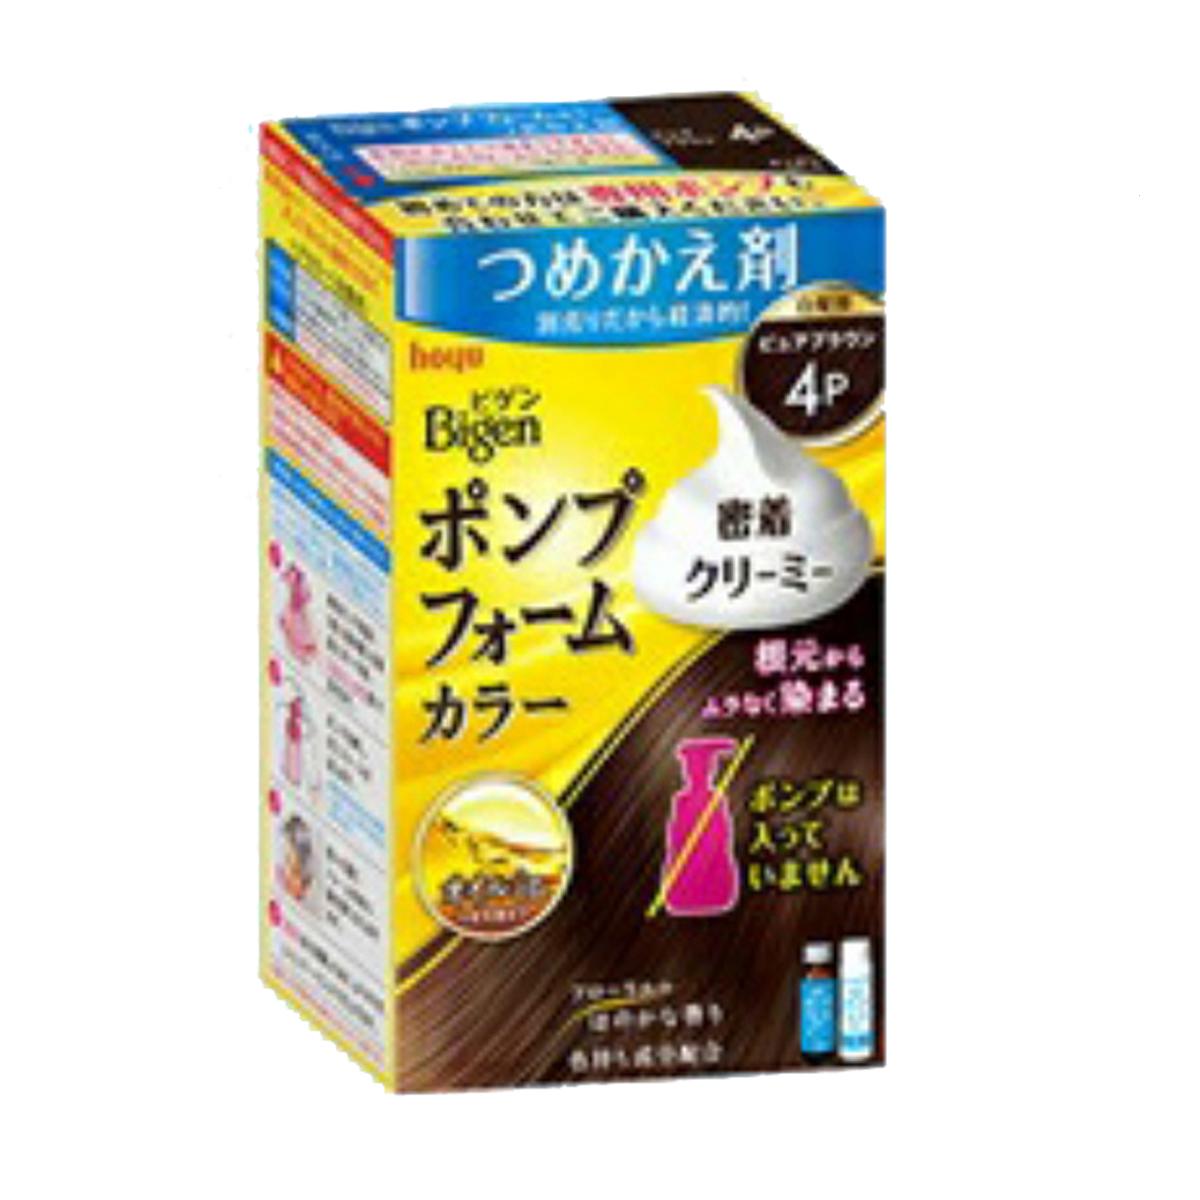 【27個で送料無料】【ホーユー】ビゲン ポンプフォームカラー つめかえ剤 4P ピュアブラウン×27点セット ( 4987205032066 )